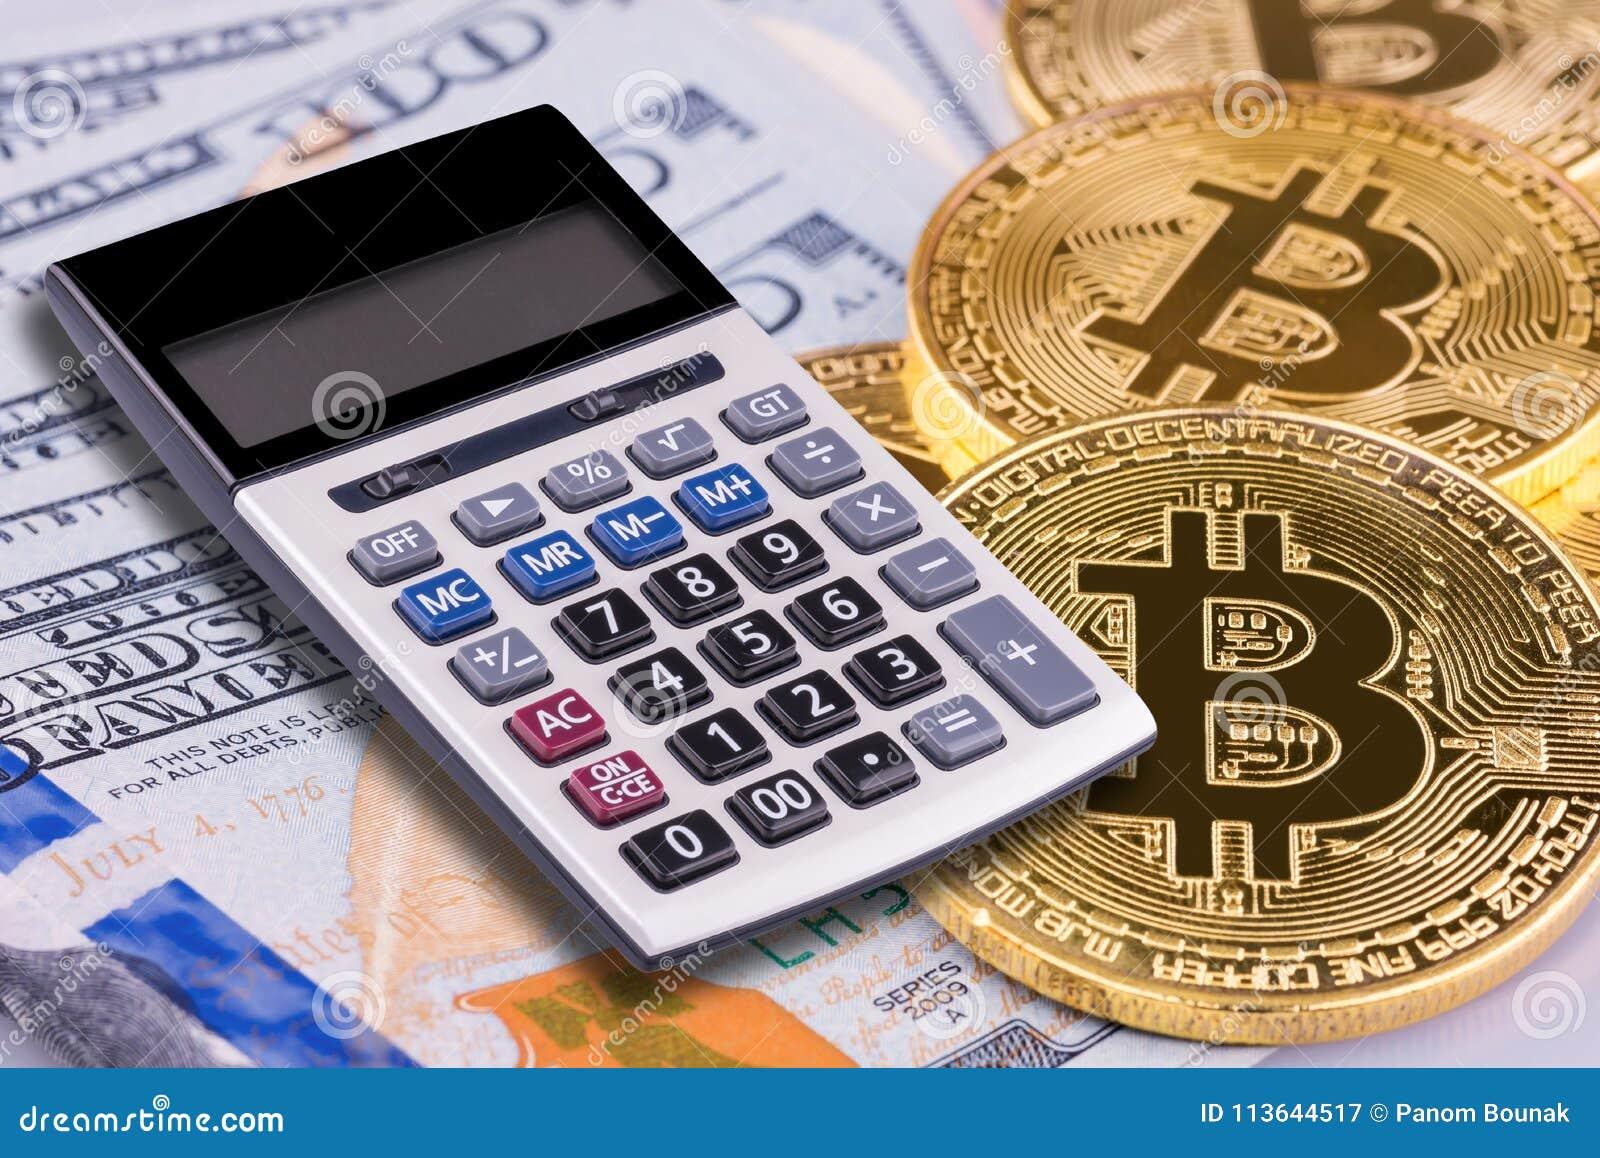 bitcoin us dollar calculator)